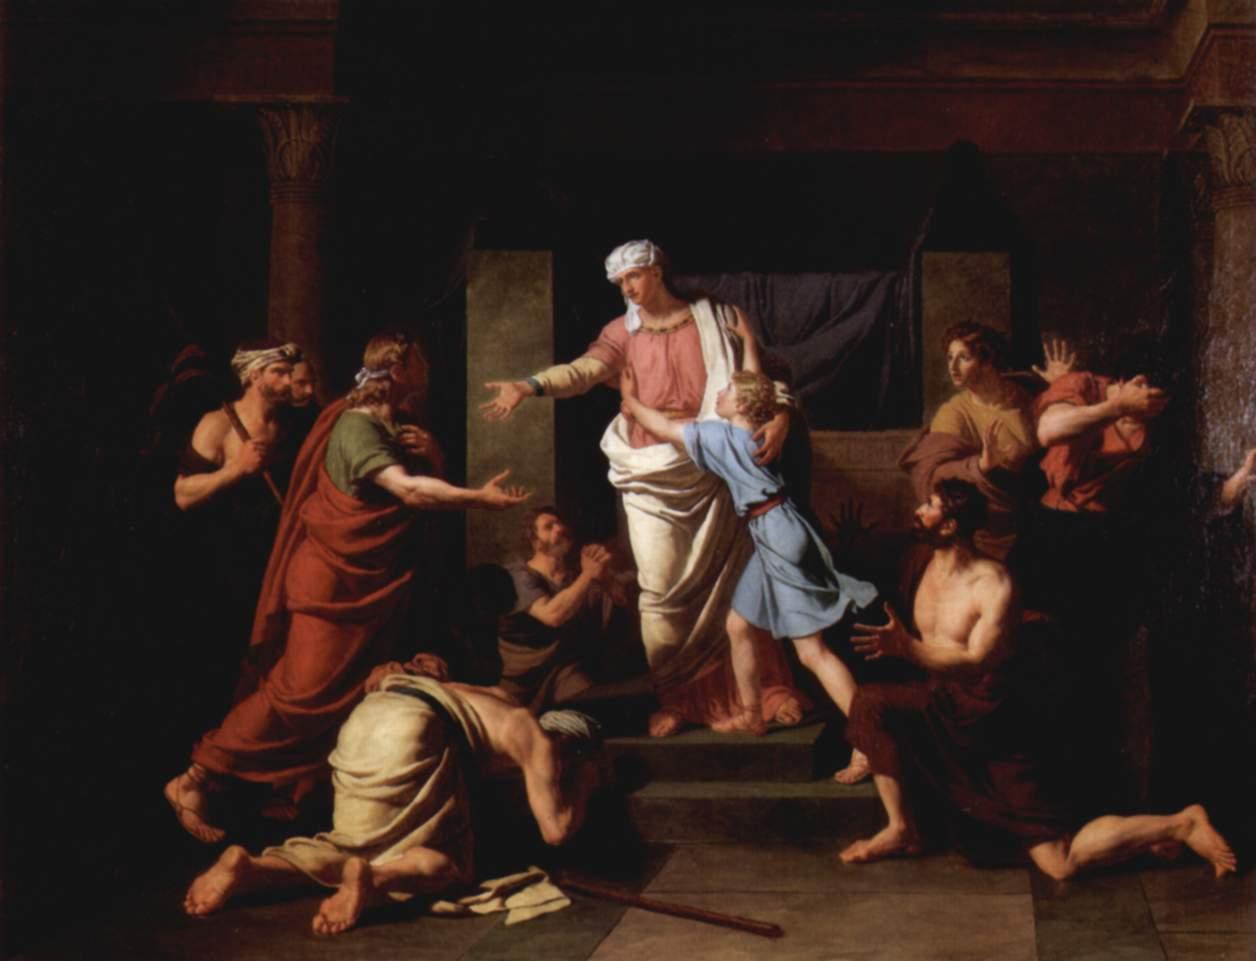 Братья узнают Йосефа. Шарль Тевенен, 1789